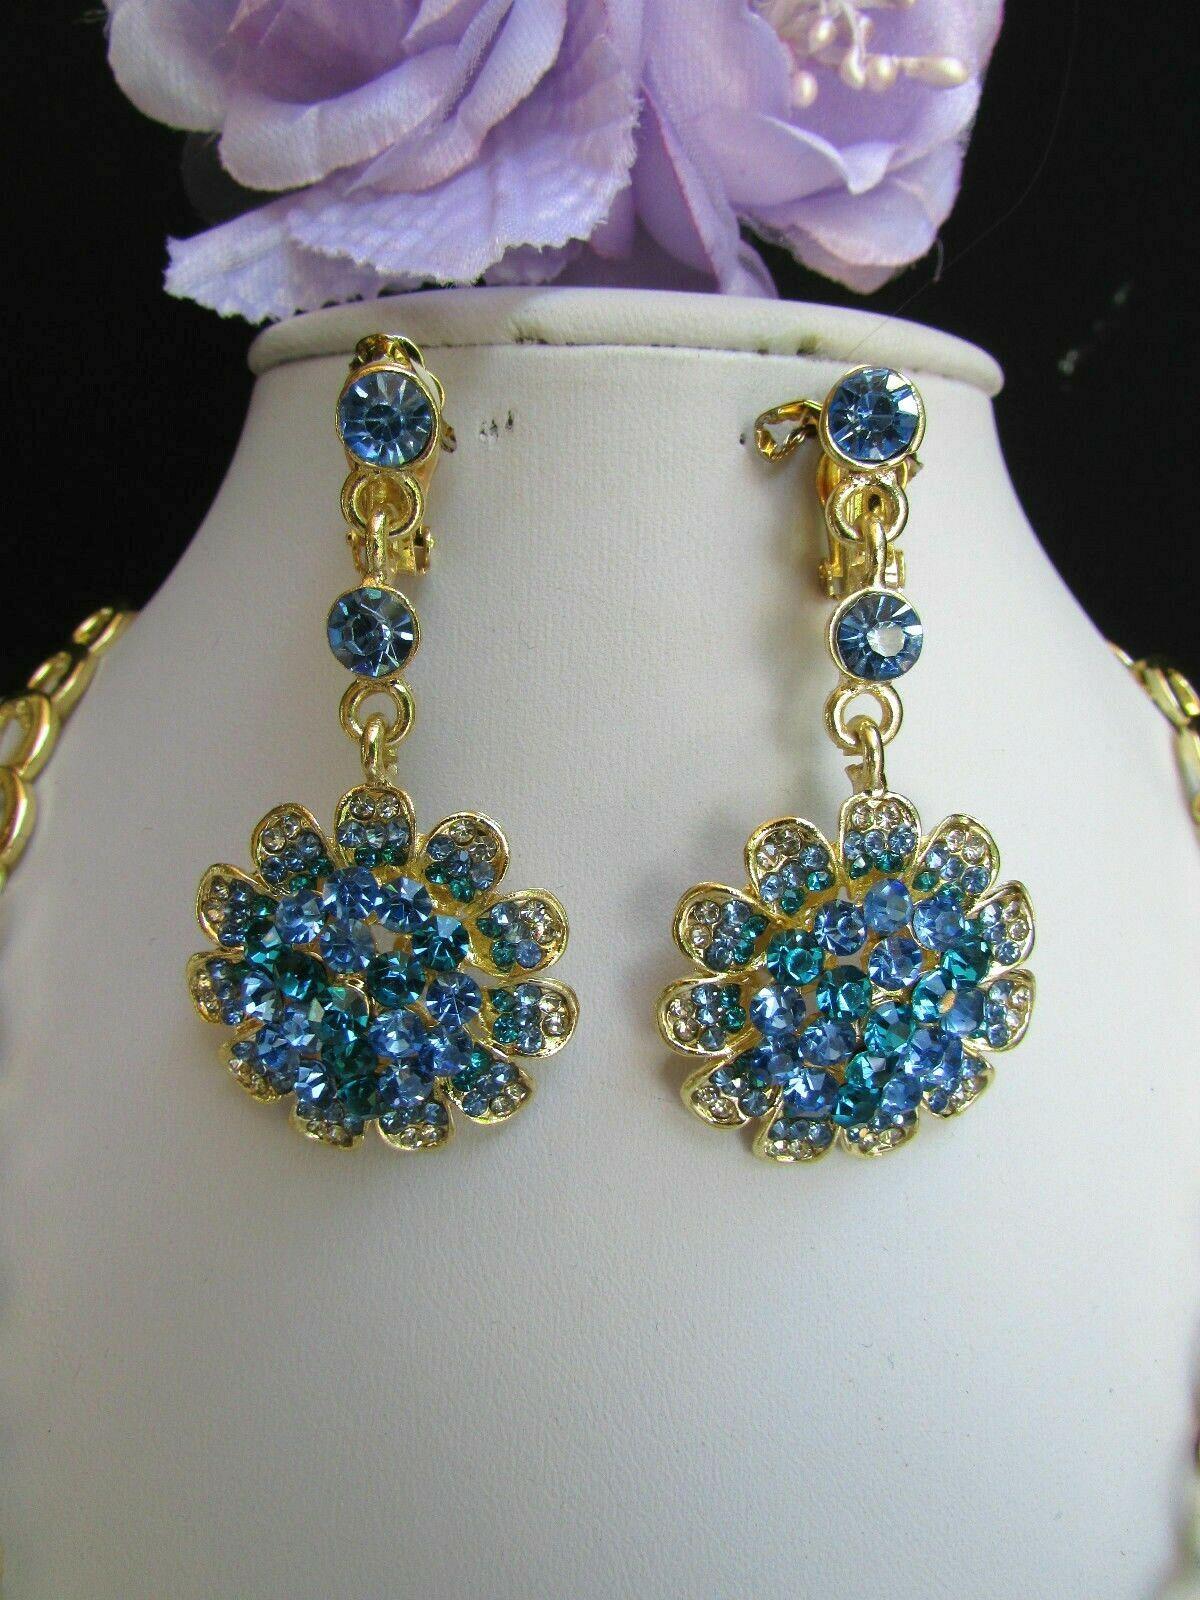 Nuevo Mujer Grande Dorado Flor Tendencia Jewelry Azul Diamantes Collar image 4